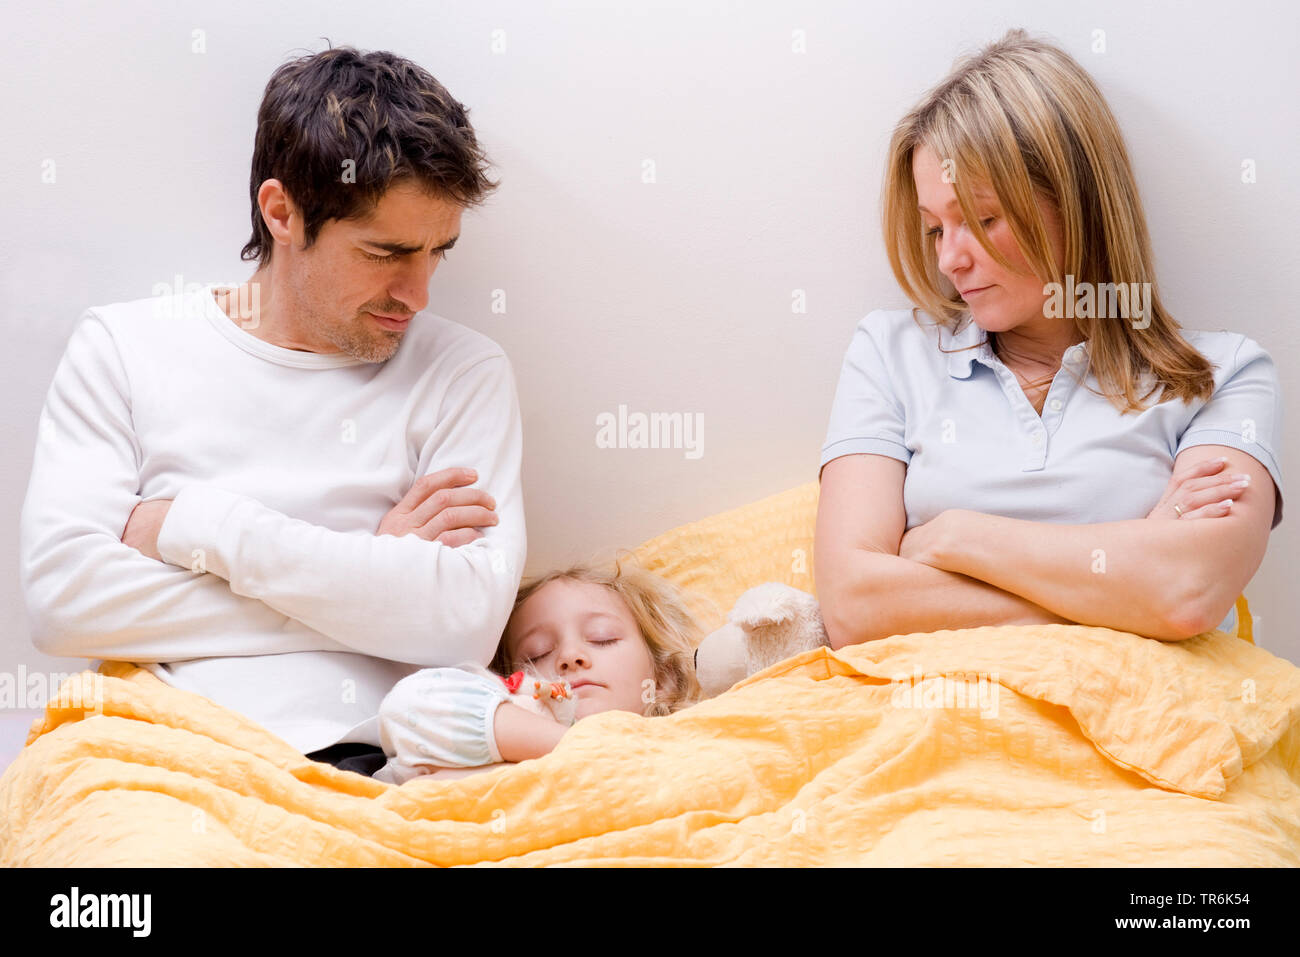 Tochter schlaeft zwischen den Eltern im Ehebett, Eltern sind genervt   daughter sleeping between parents in bed   BLWS485889.jpg [ (c) blickwinkel/McP - Stock Image